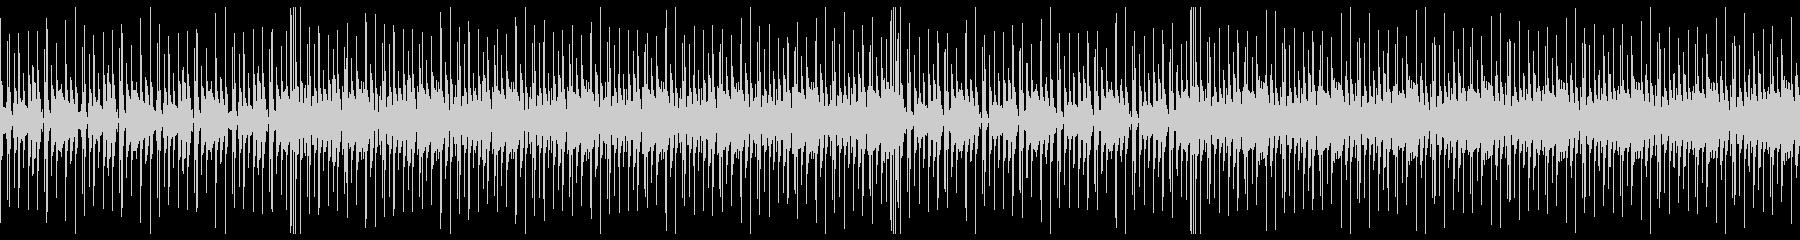 ファンキーなギターのBGMの未再生の波形